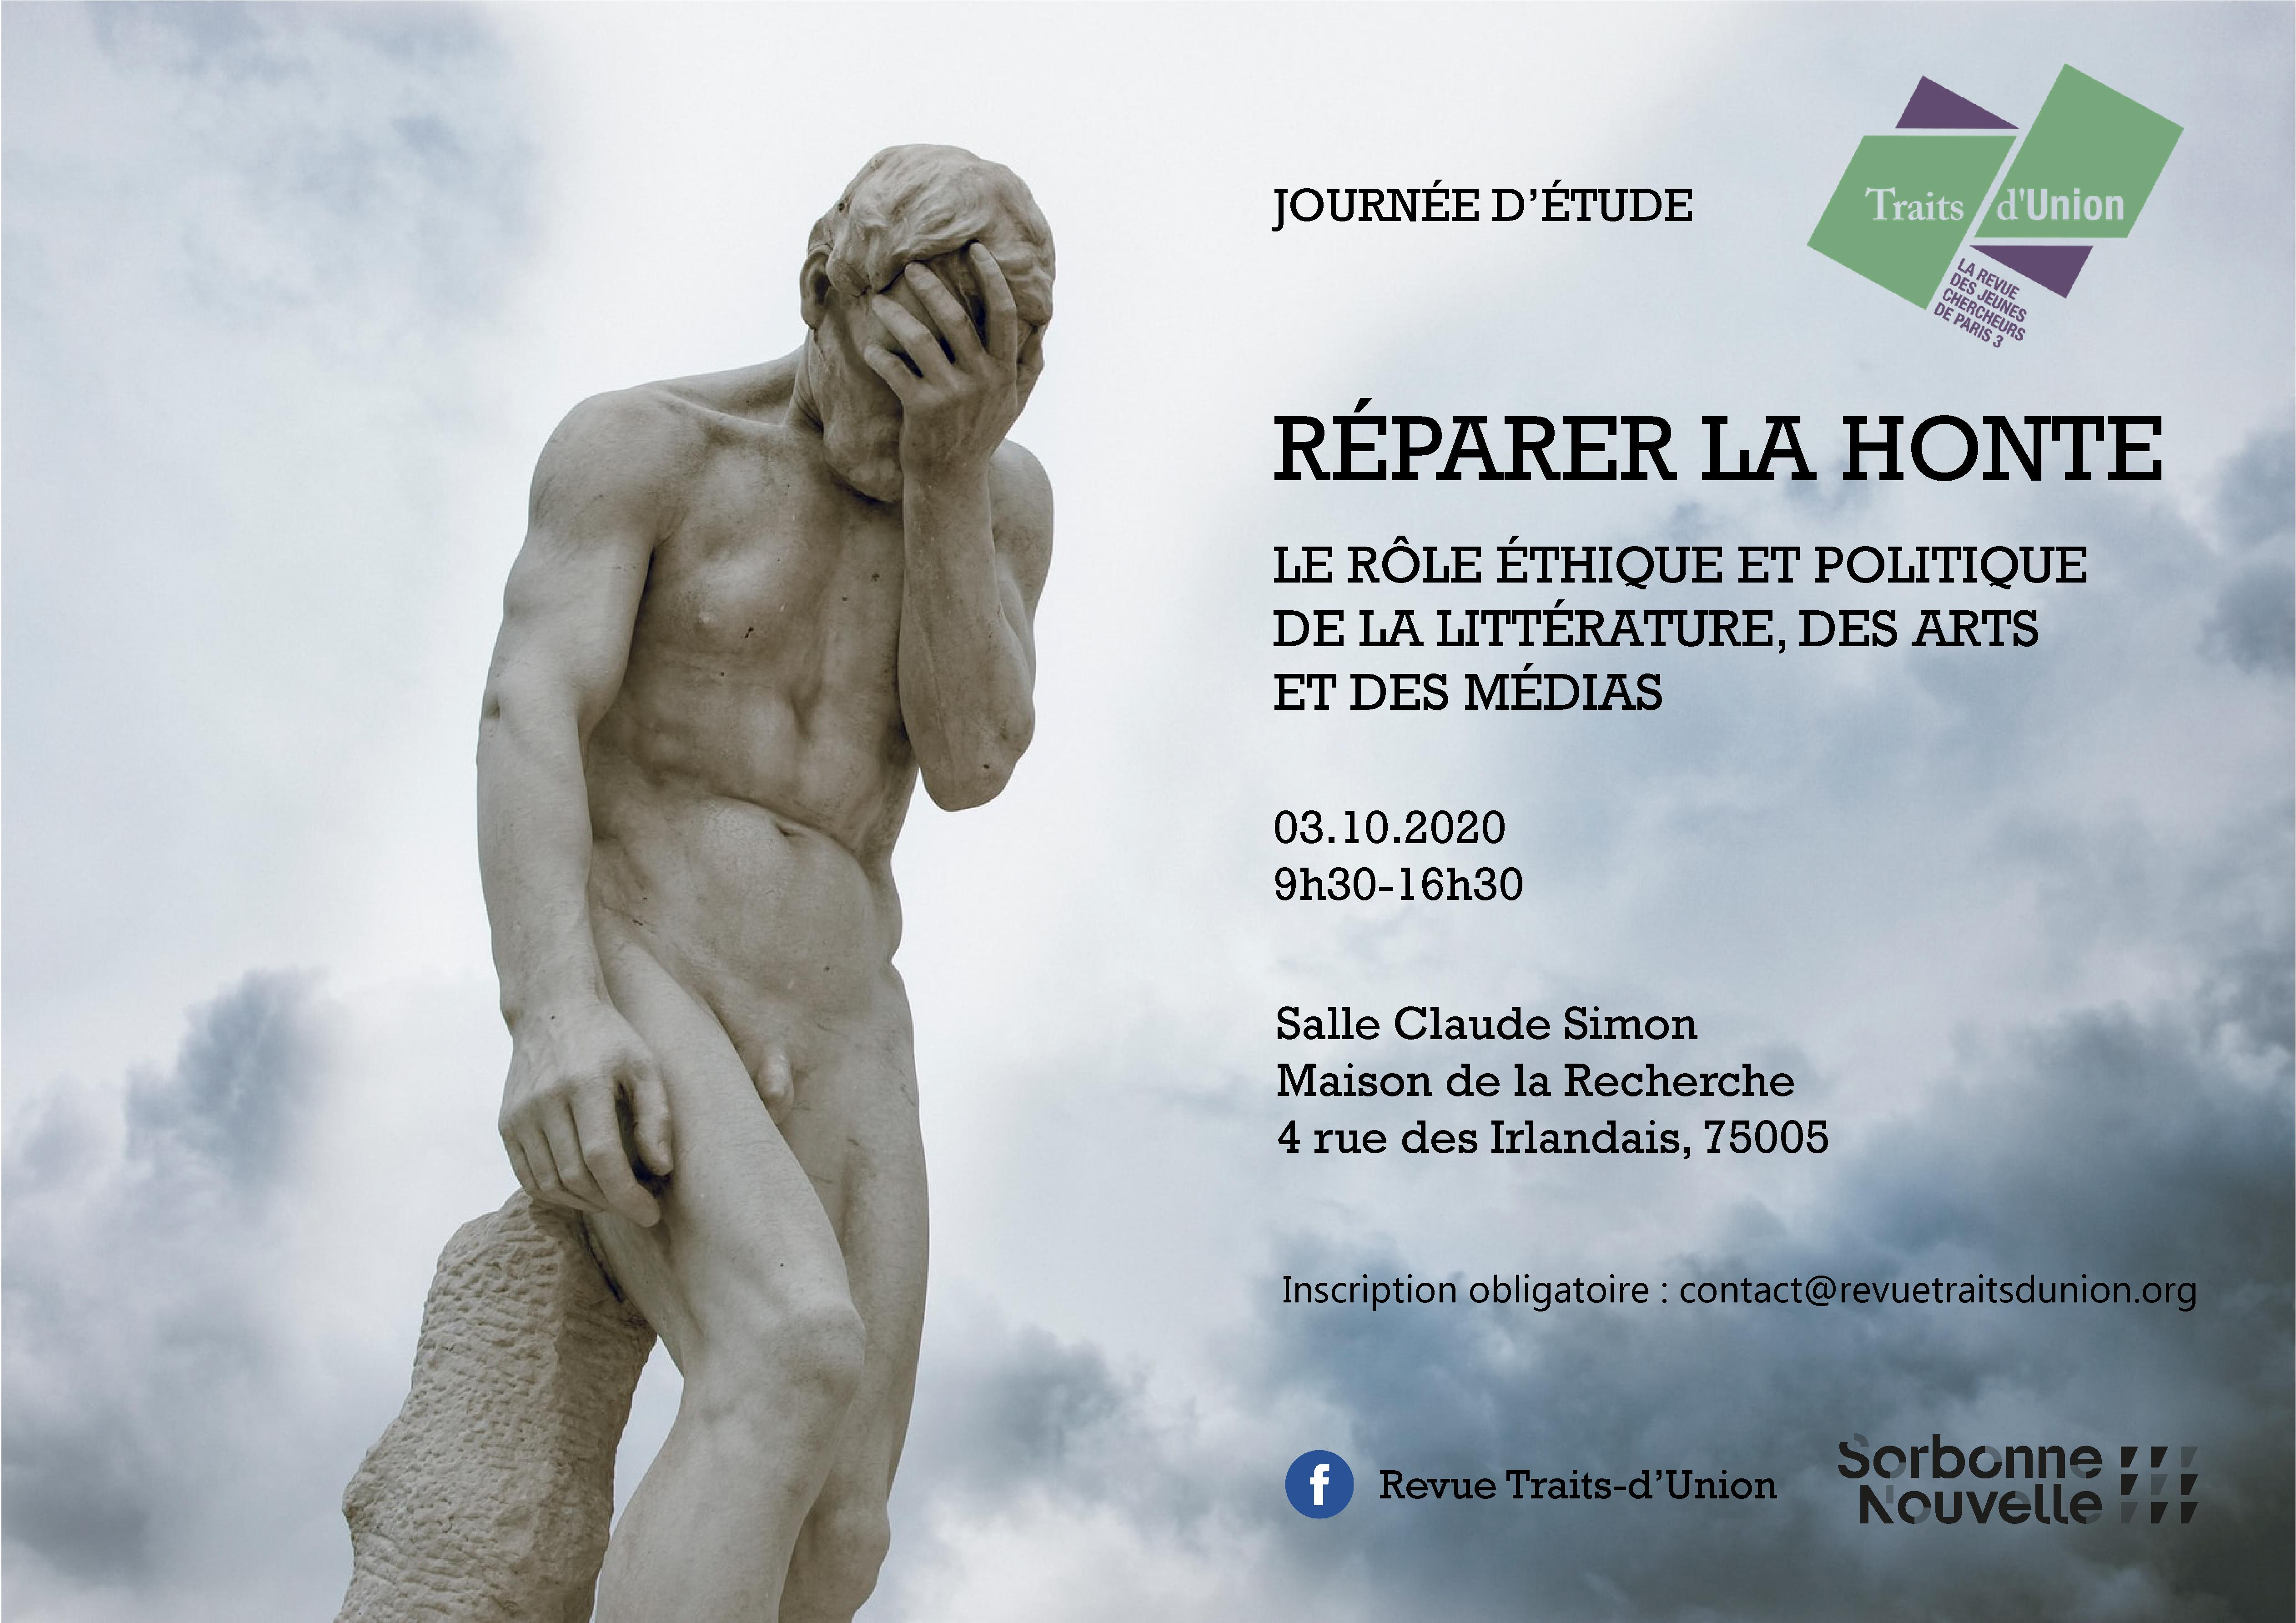 Journée d'étude Réparer la honte – 3 octobre 2020